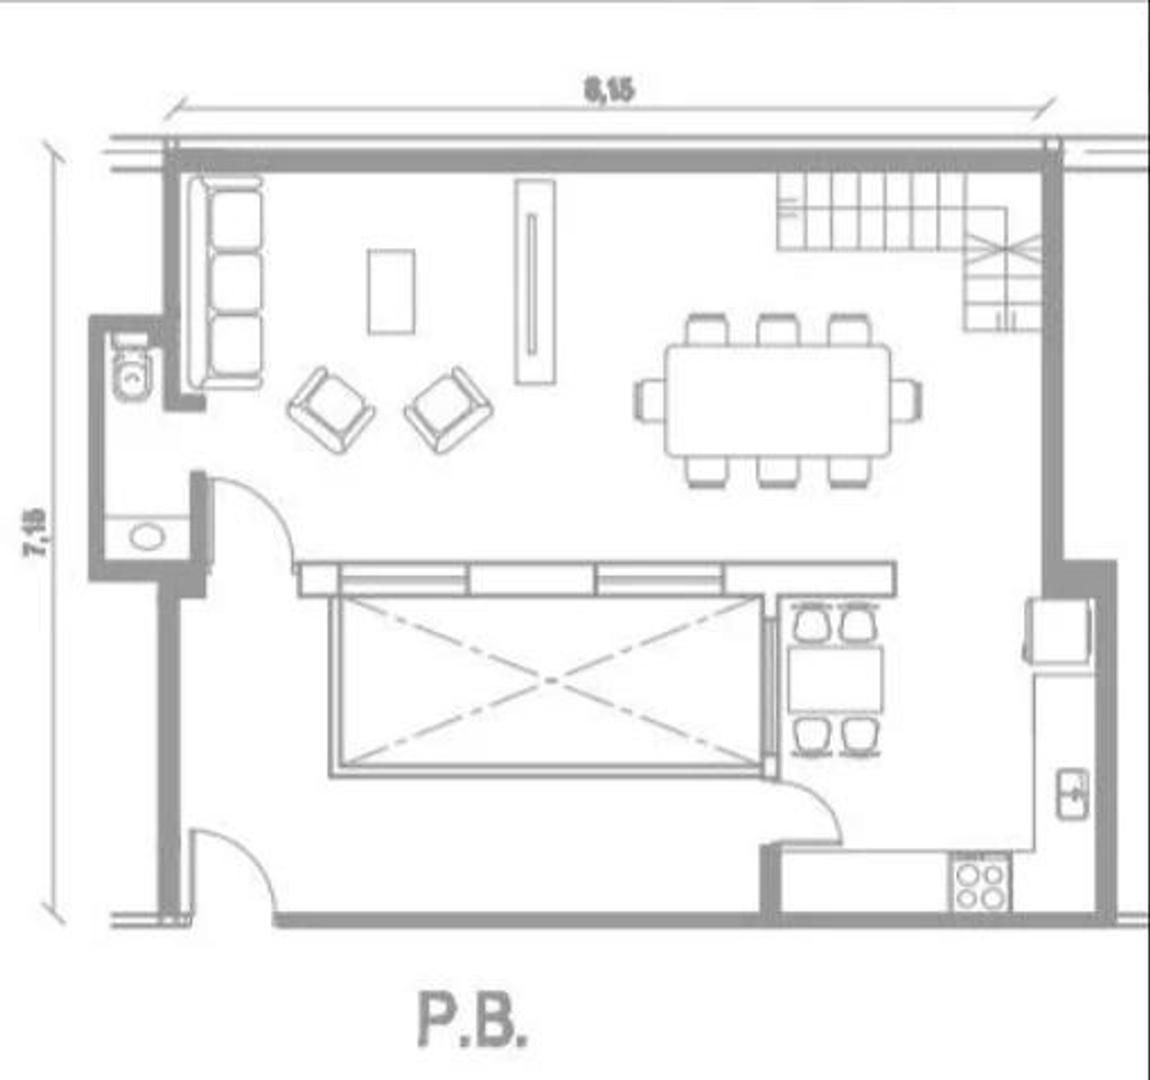 Ph en Venta en Villa Ortuzar - 6 ambientes